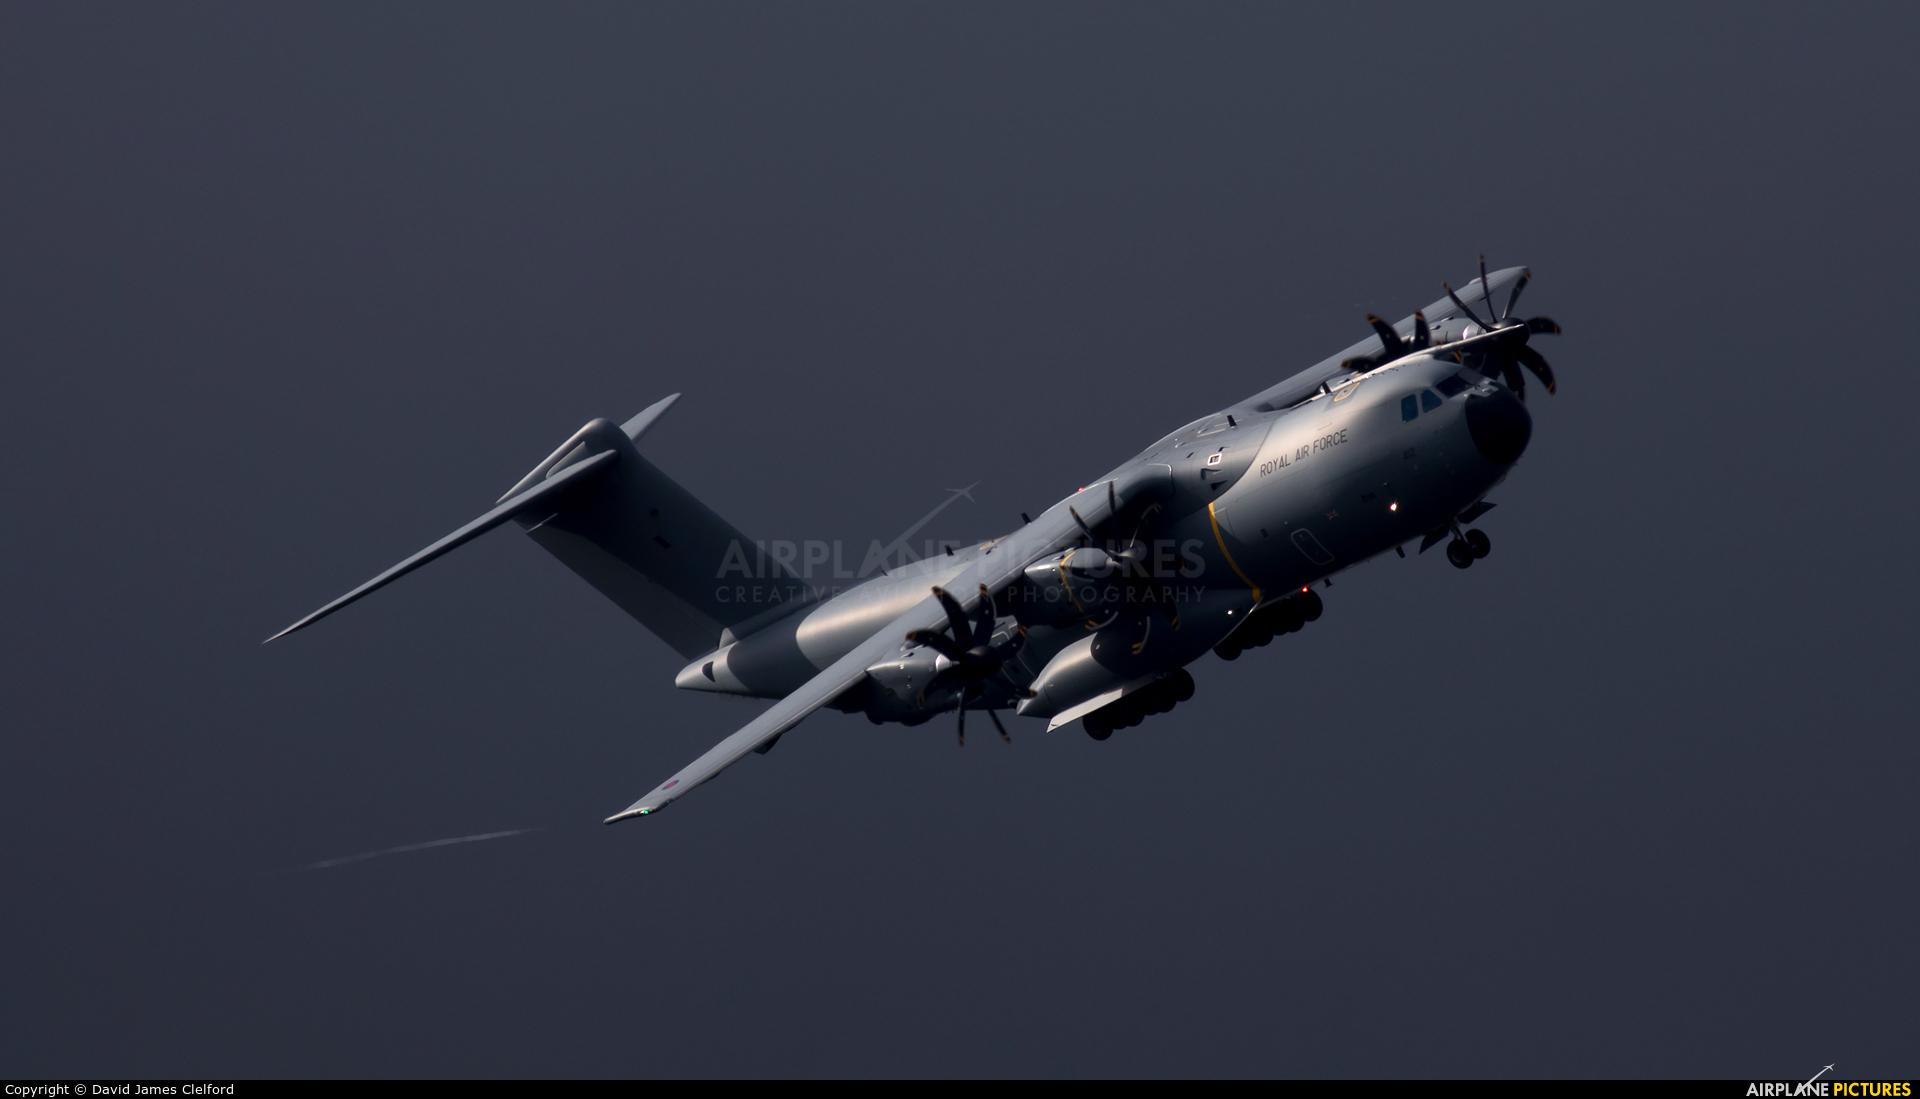 Royal Air Force ZM412 aircraft at